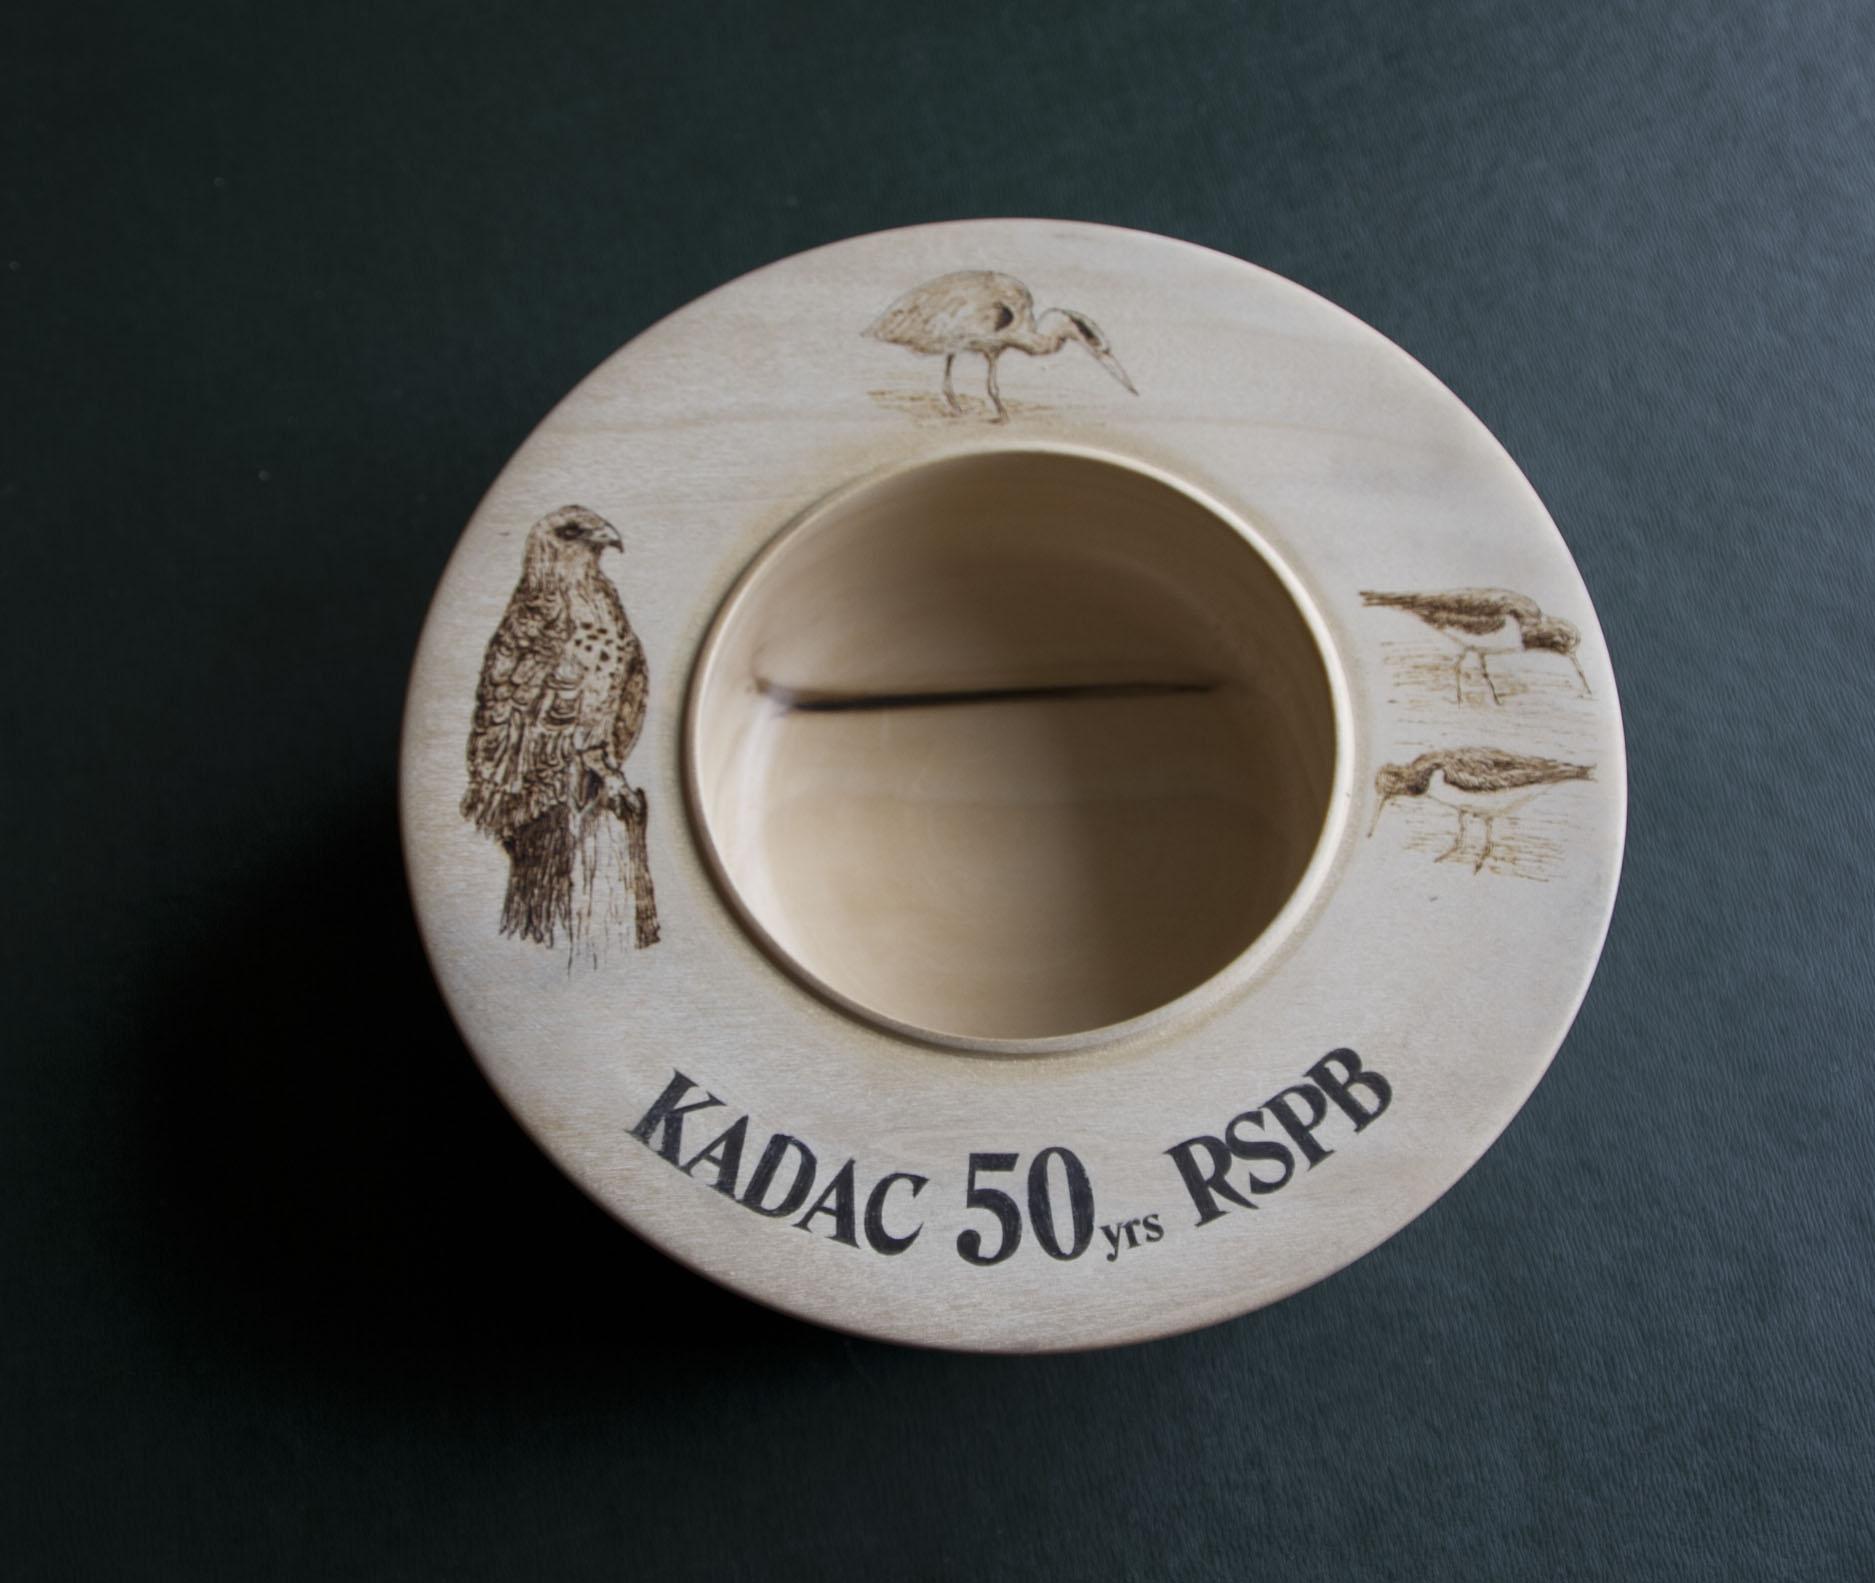 KADAC Bowl